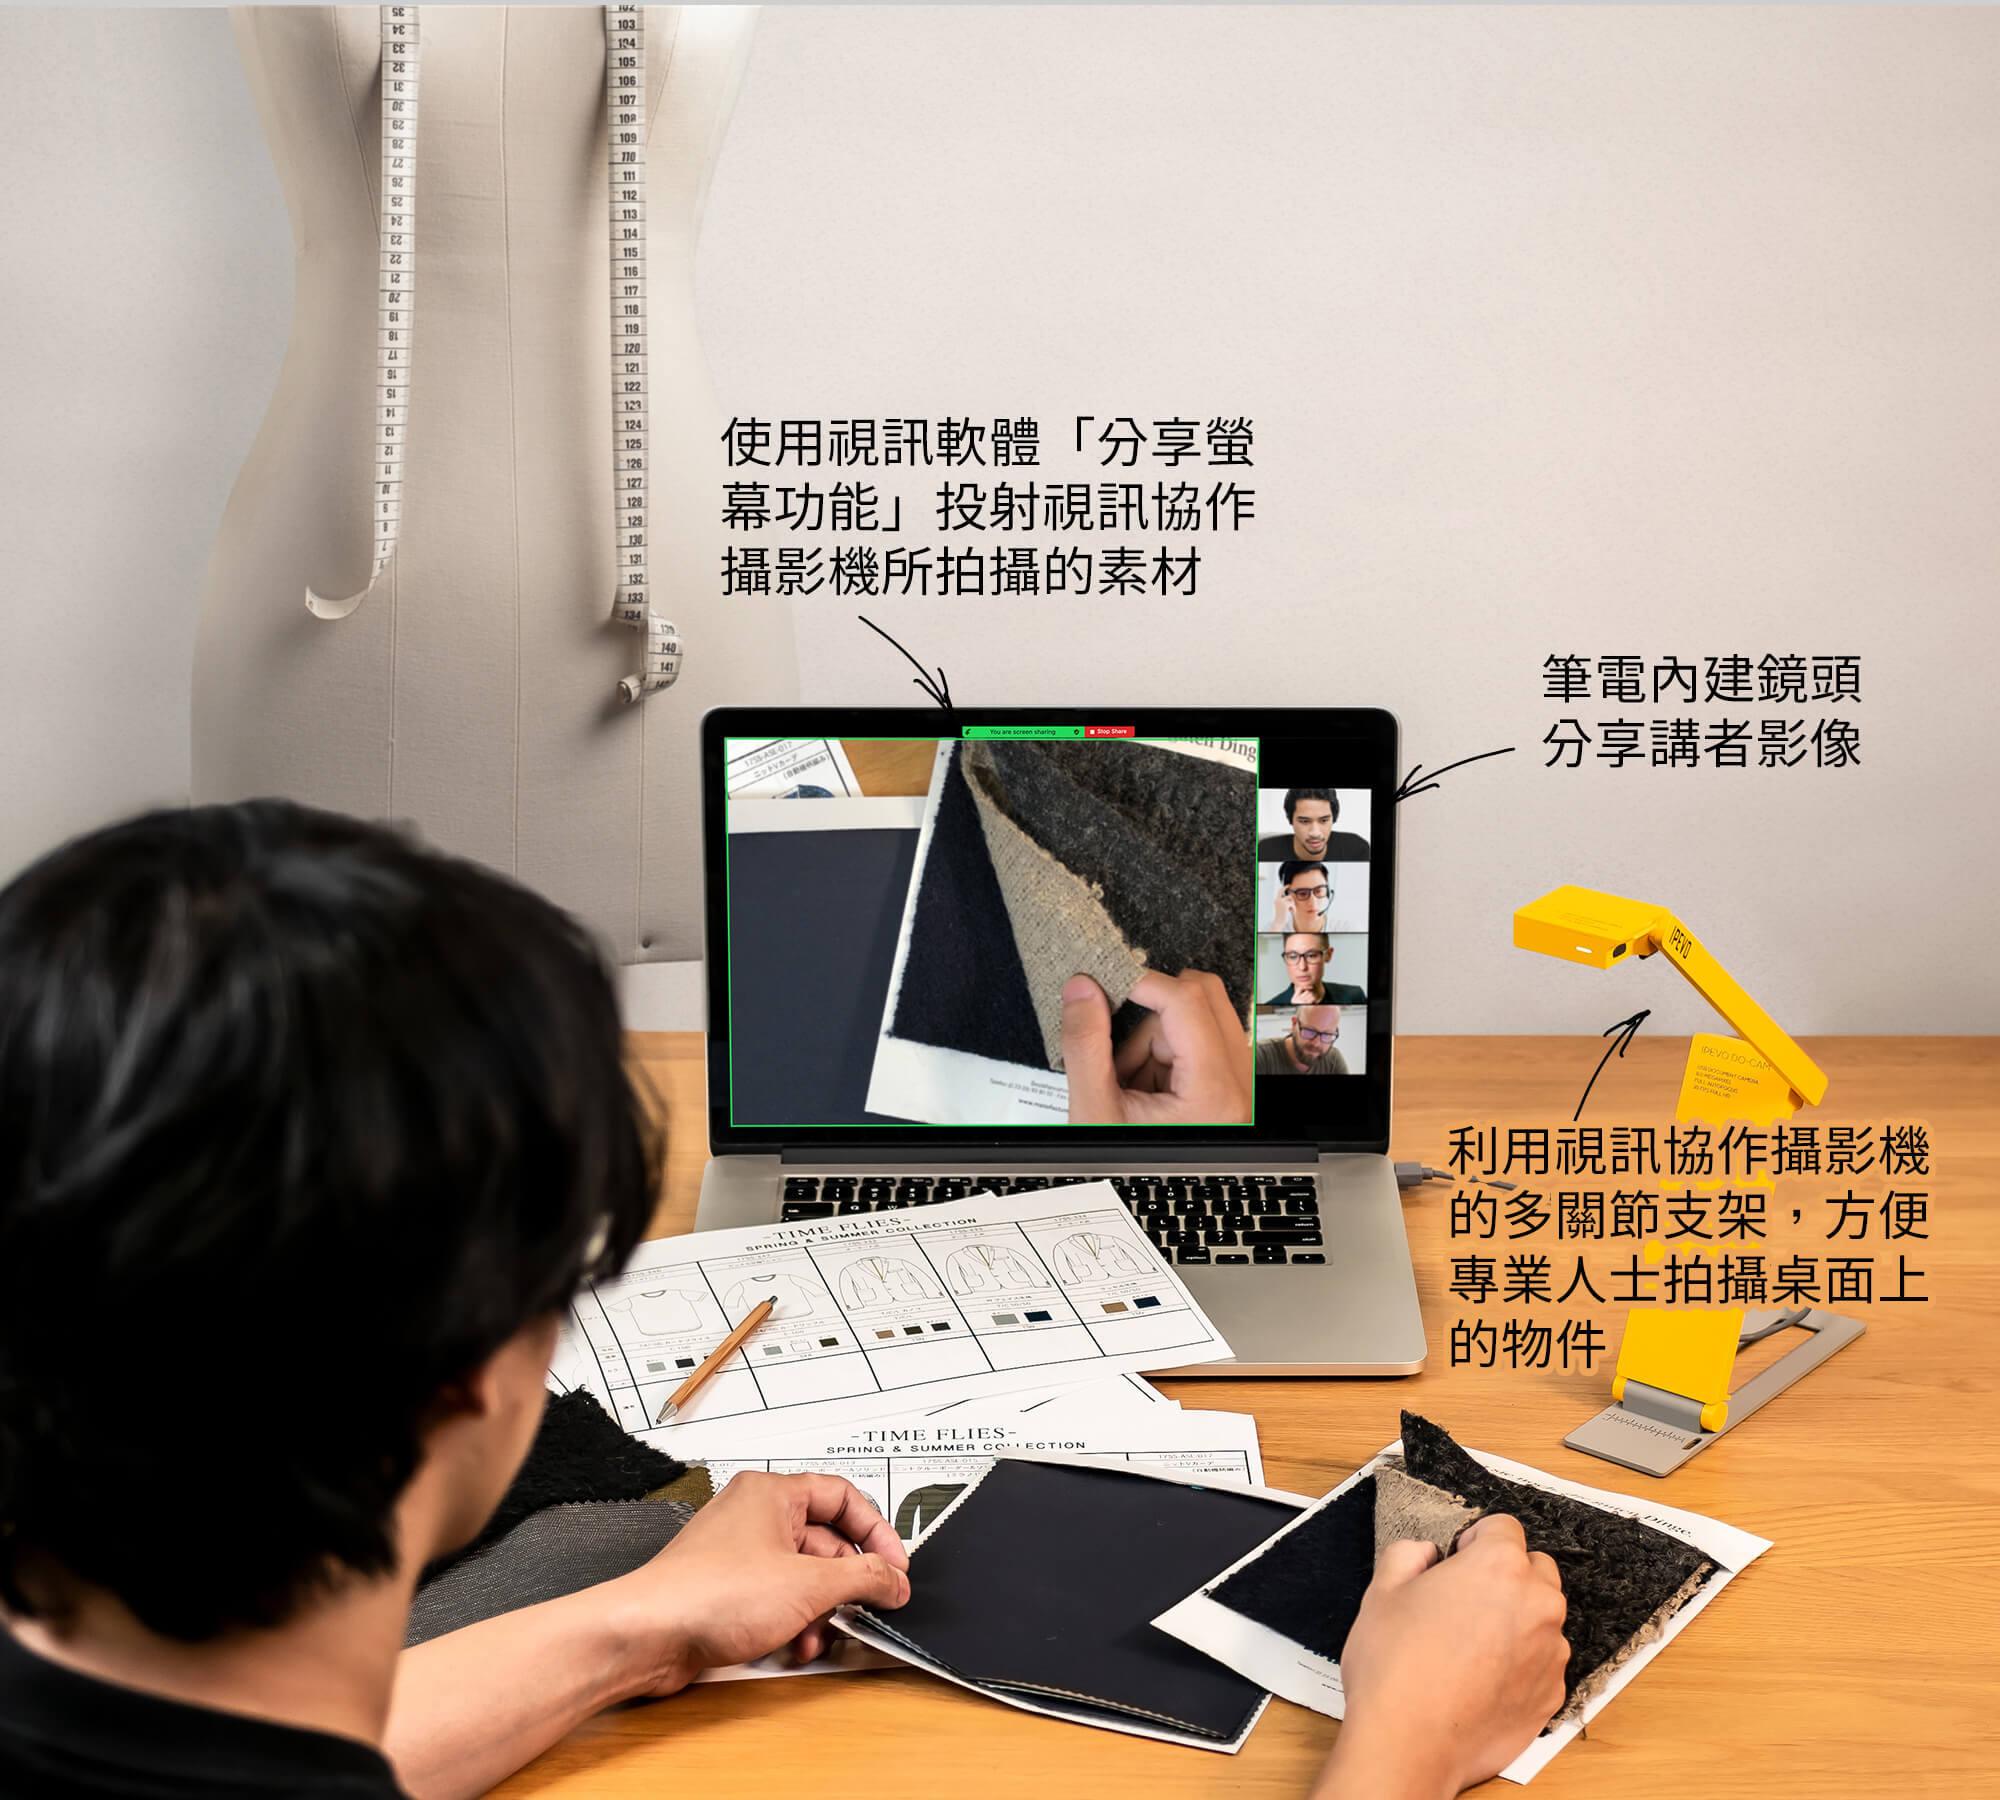 利用視訊協作攝影機的多關節支架,方便專業人士拍攝桌面上的物件;使用視訊軟體「分享螢幕功能」投射視訊協作攝影機所拍攝的素材,筆電內建鏡頭分享講者影像